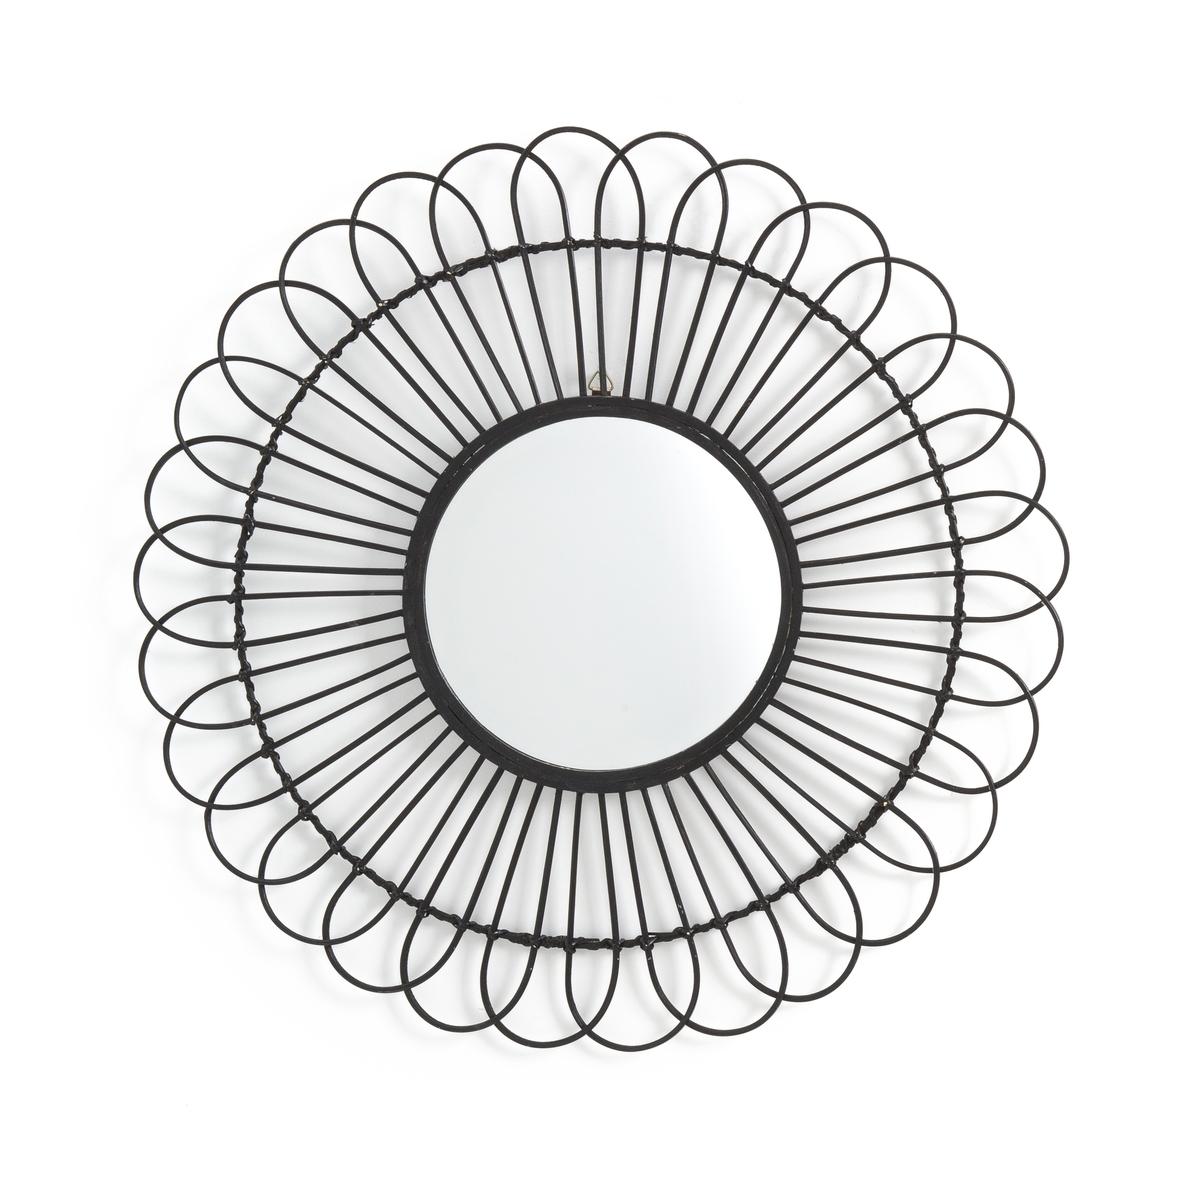 Зеркало La Redoute С ротангом и бамбуком в форме солнца см Nogu единый размер черный зеркало la redoute из ротанга в форме ромашки см nogu единый размер бежевый